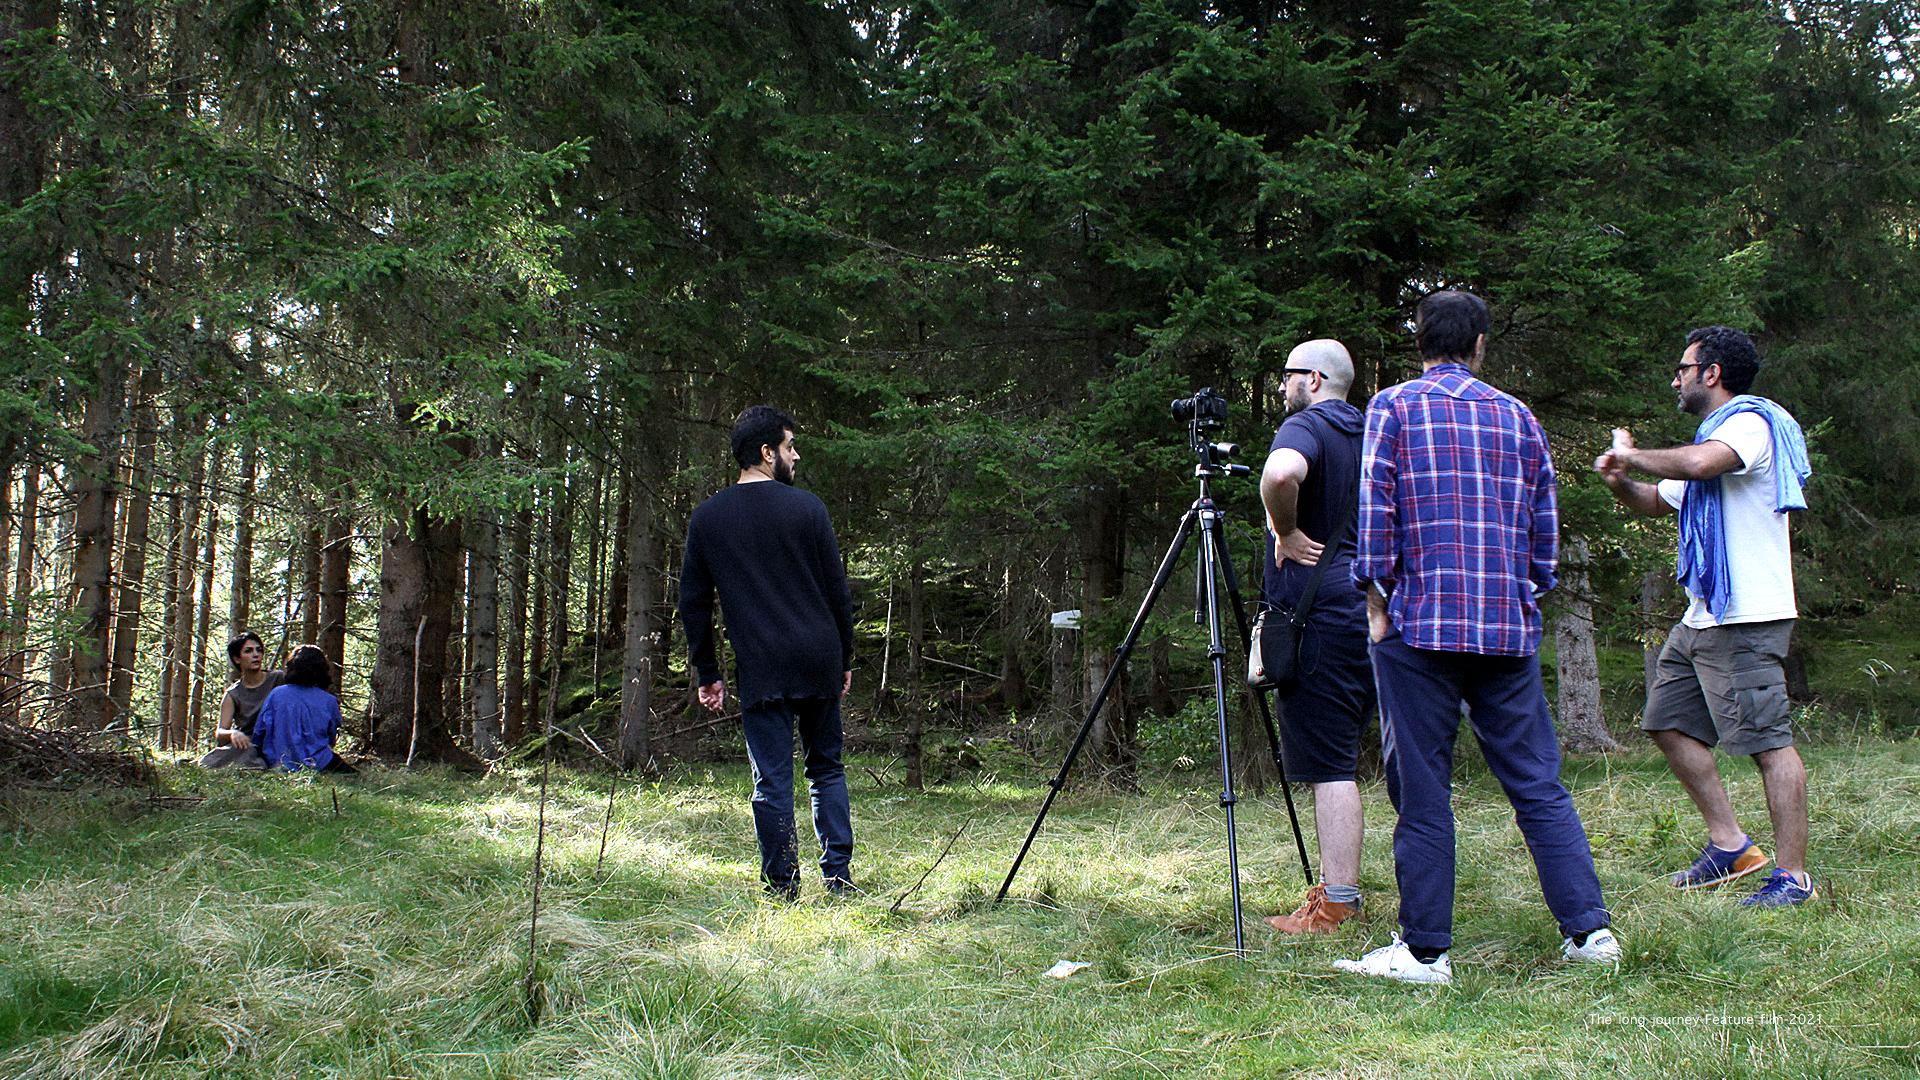 http://farhadbazyan.com/wp-content/uploads/2021/01/The-long-journey-Feature-film-2021.jpg